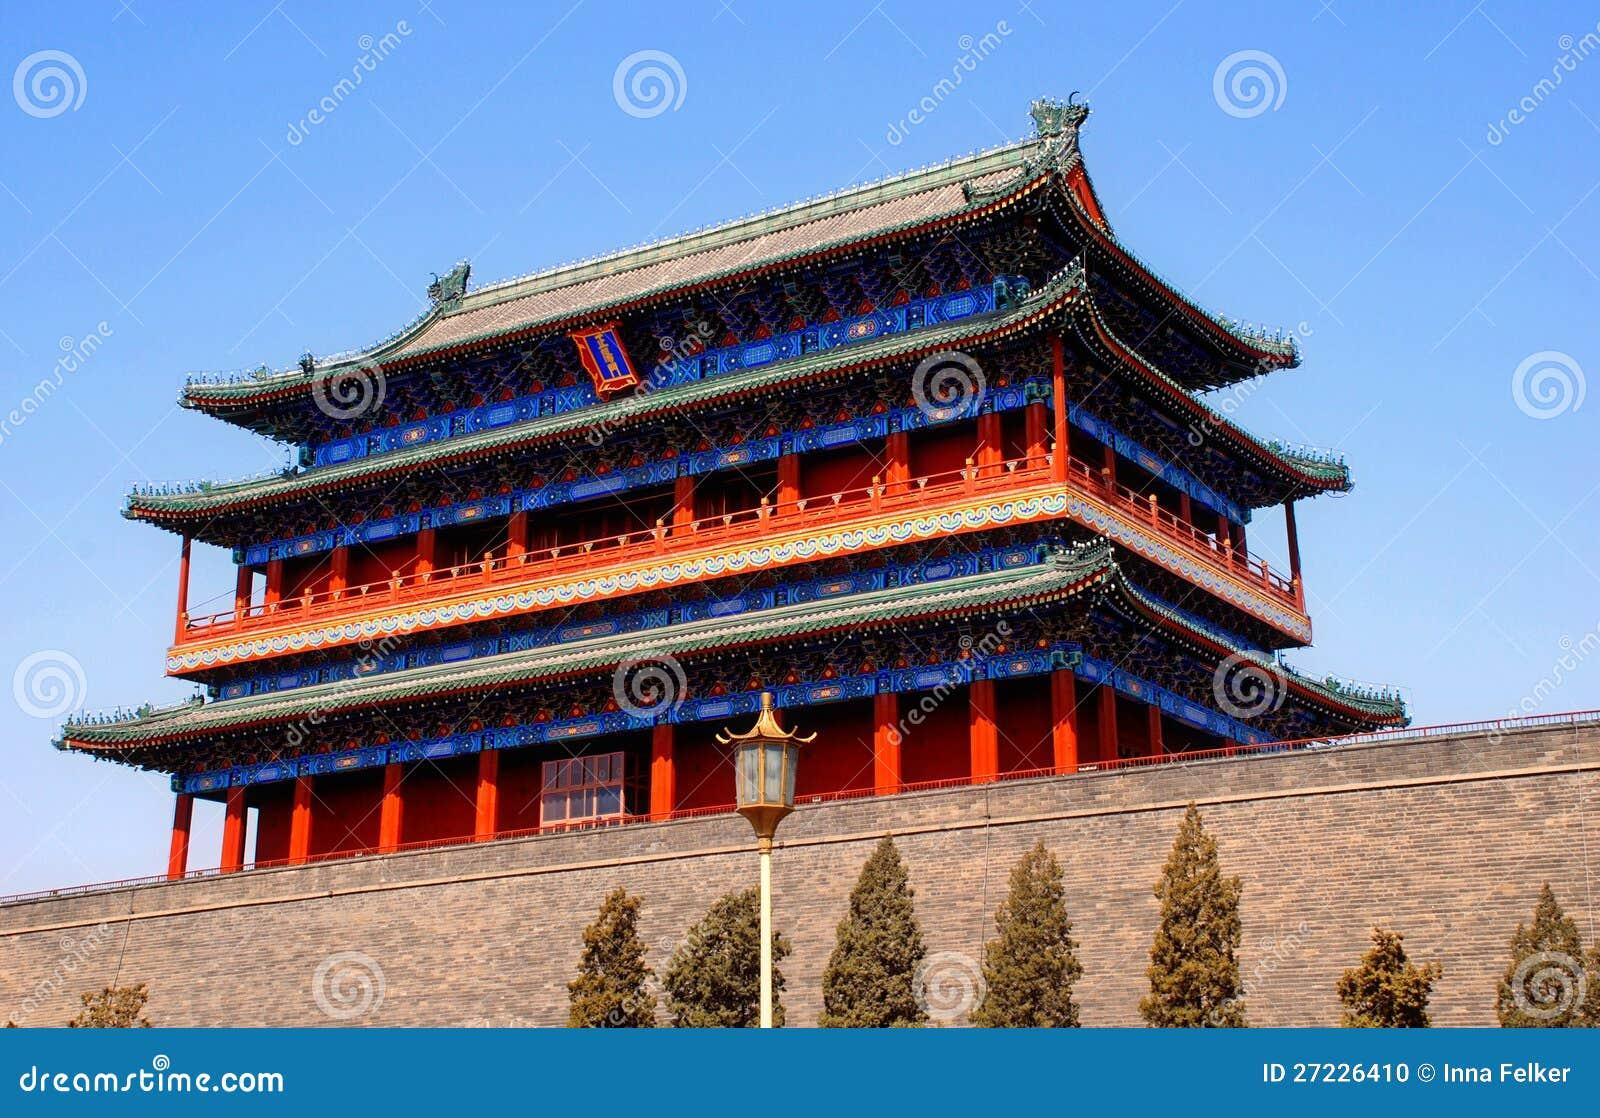 Qianmen Gate,Forbidden City,Beijing, China